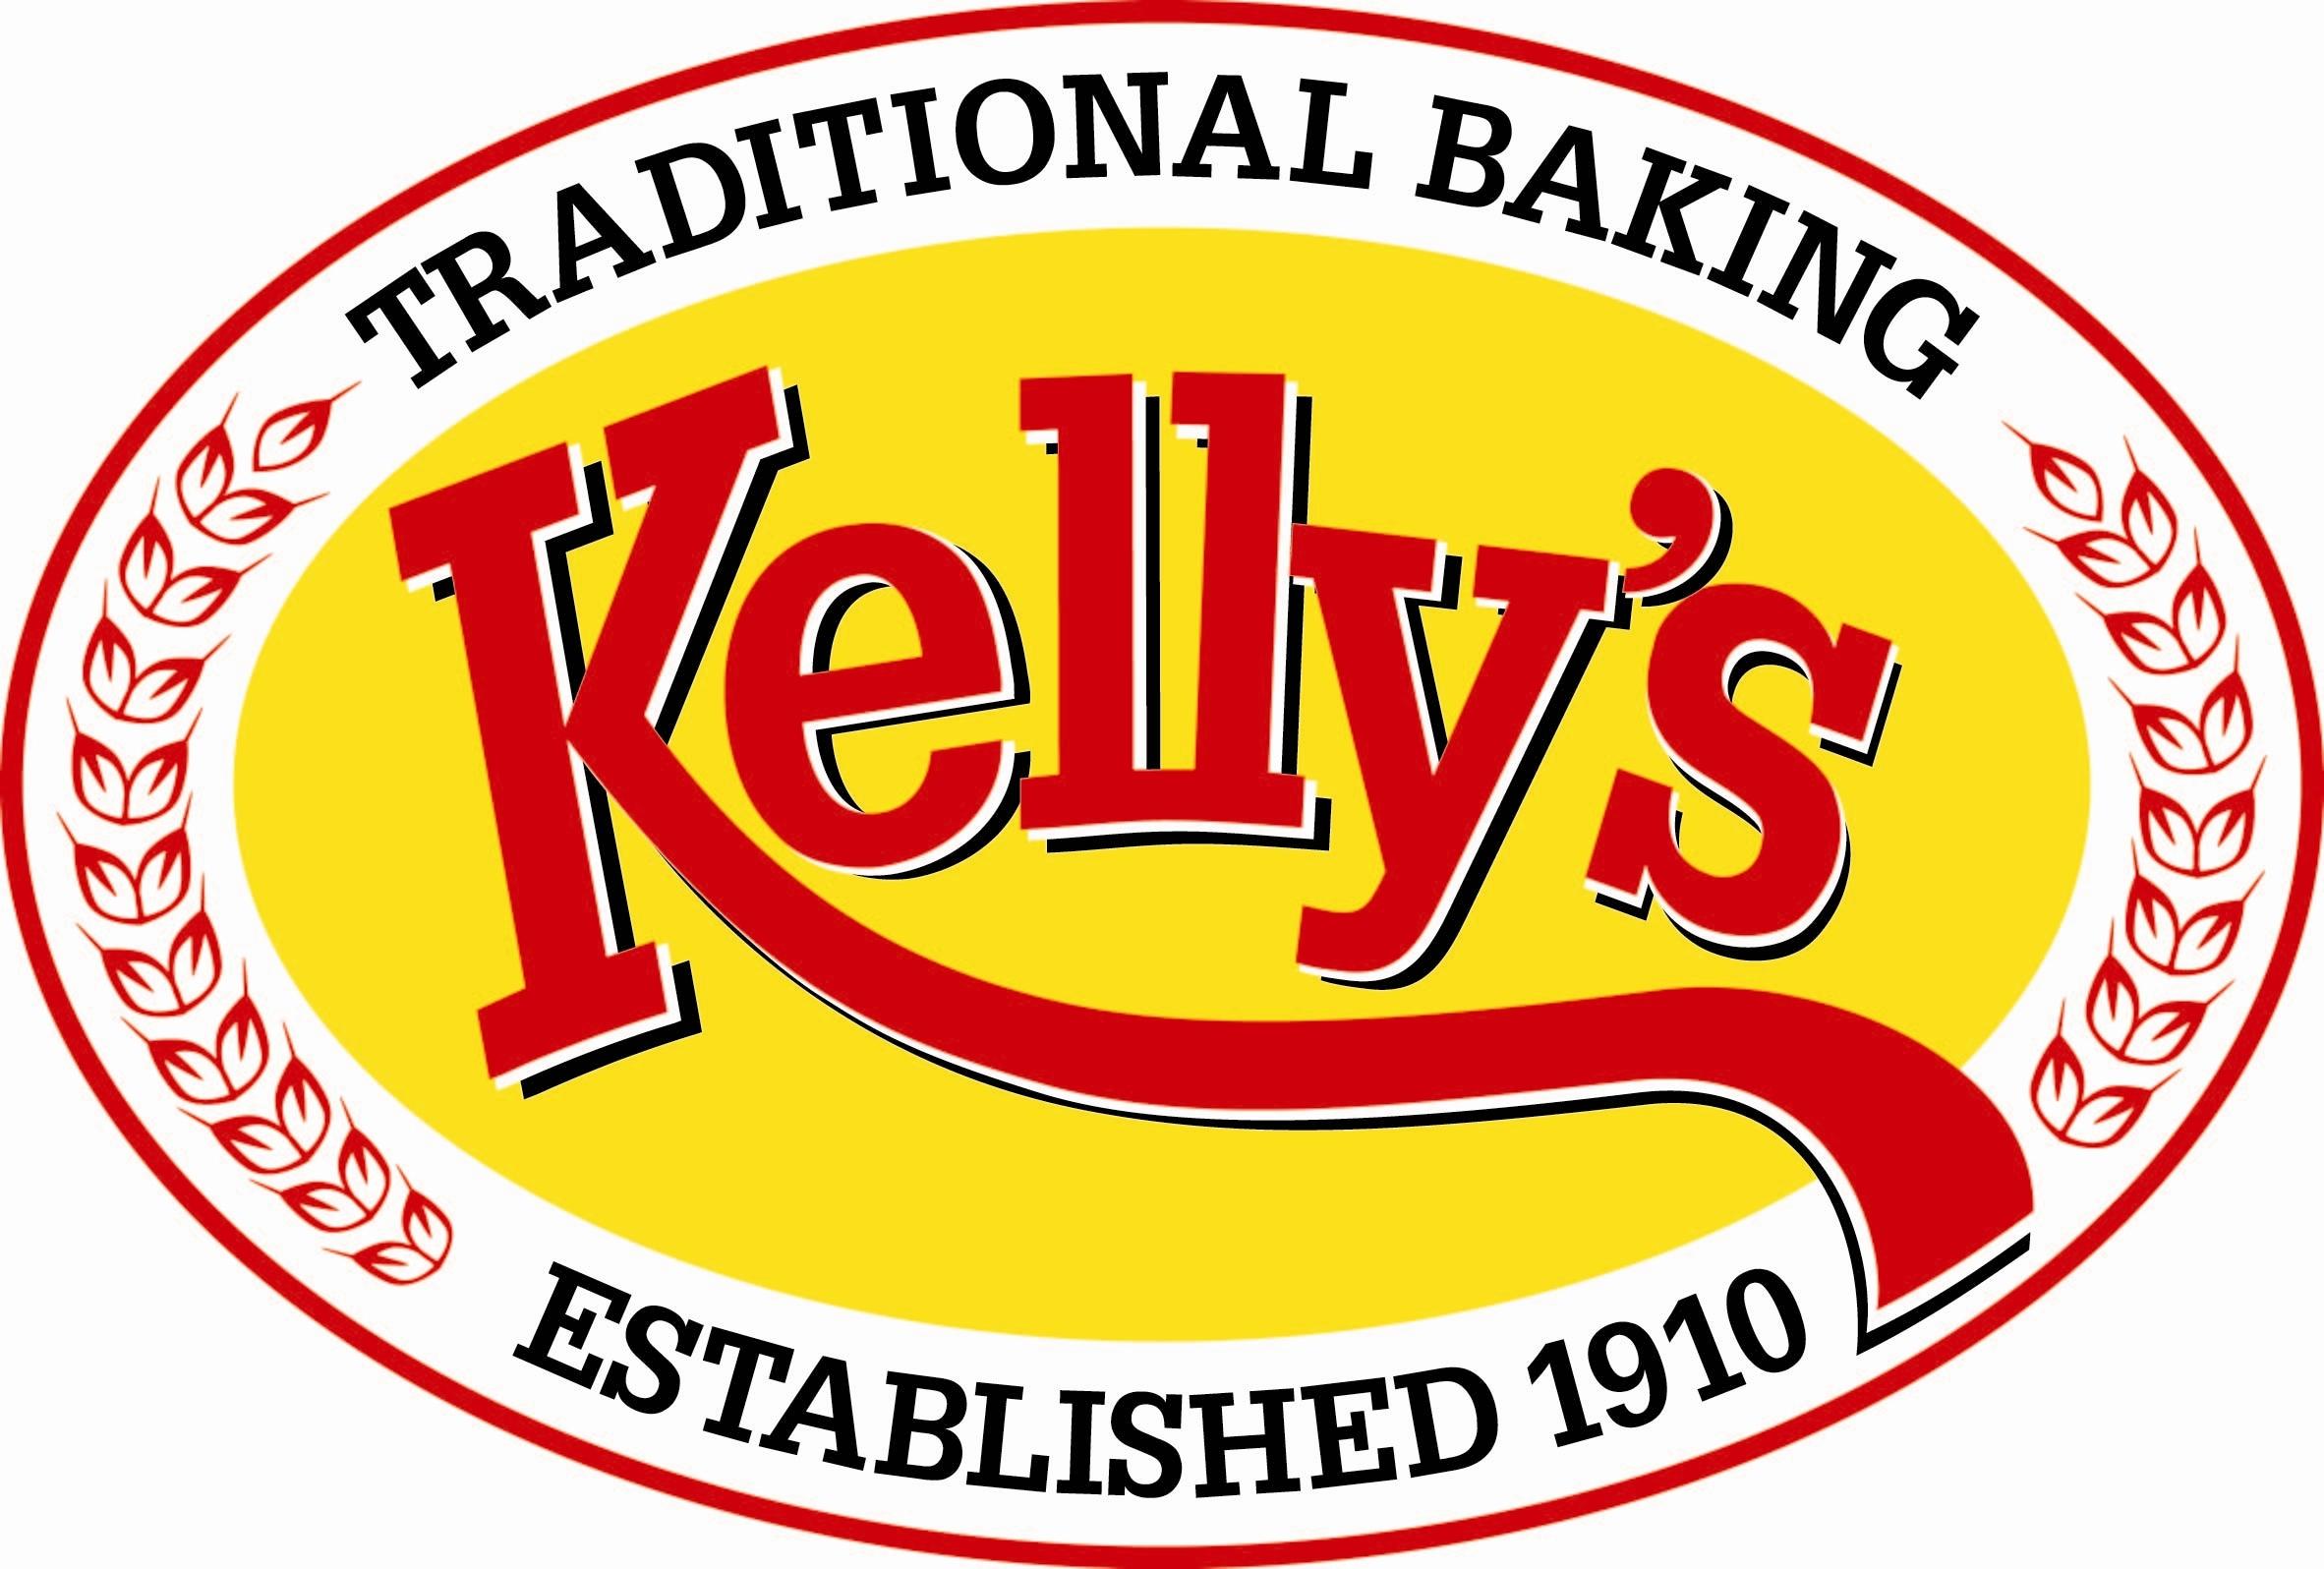 Kelly's Bakery logotype